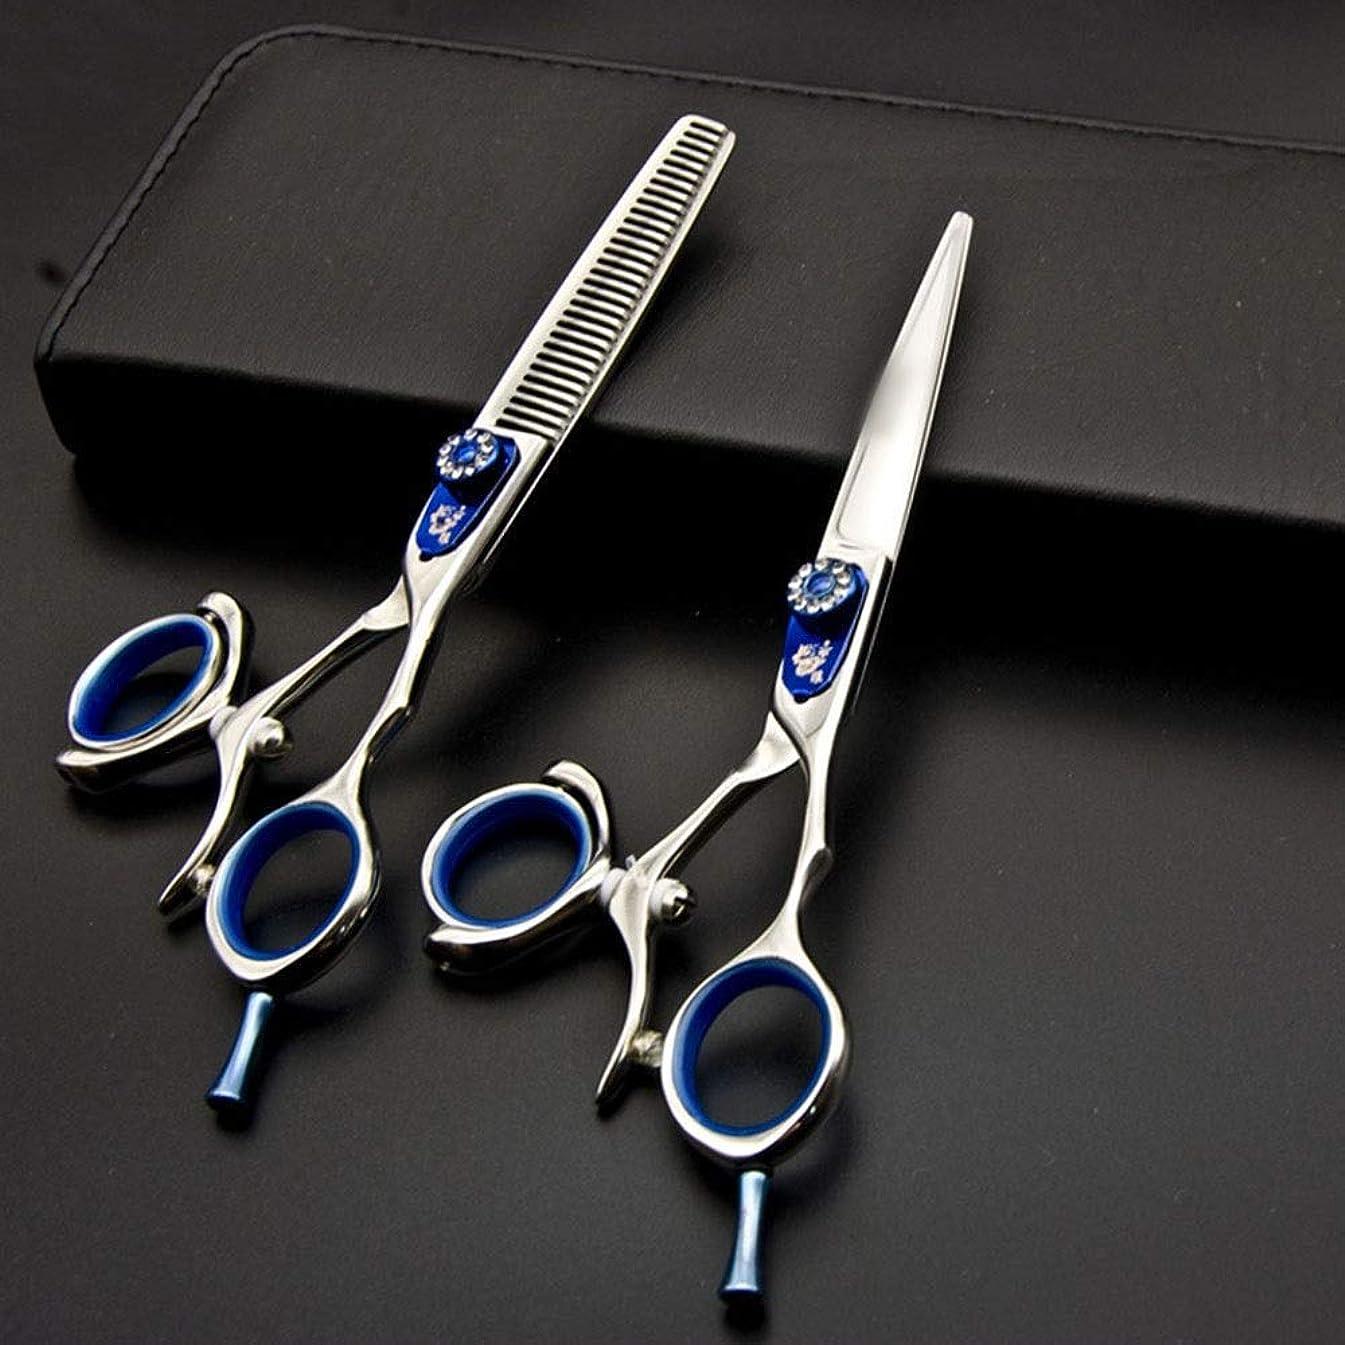 エール傷つきやすい注文6インチ美容院プロのヘアカットせん断セット、440 Cクリエイティブフィンガーはさみセット モデリングツール (色 : 青)